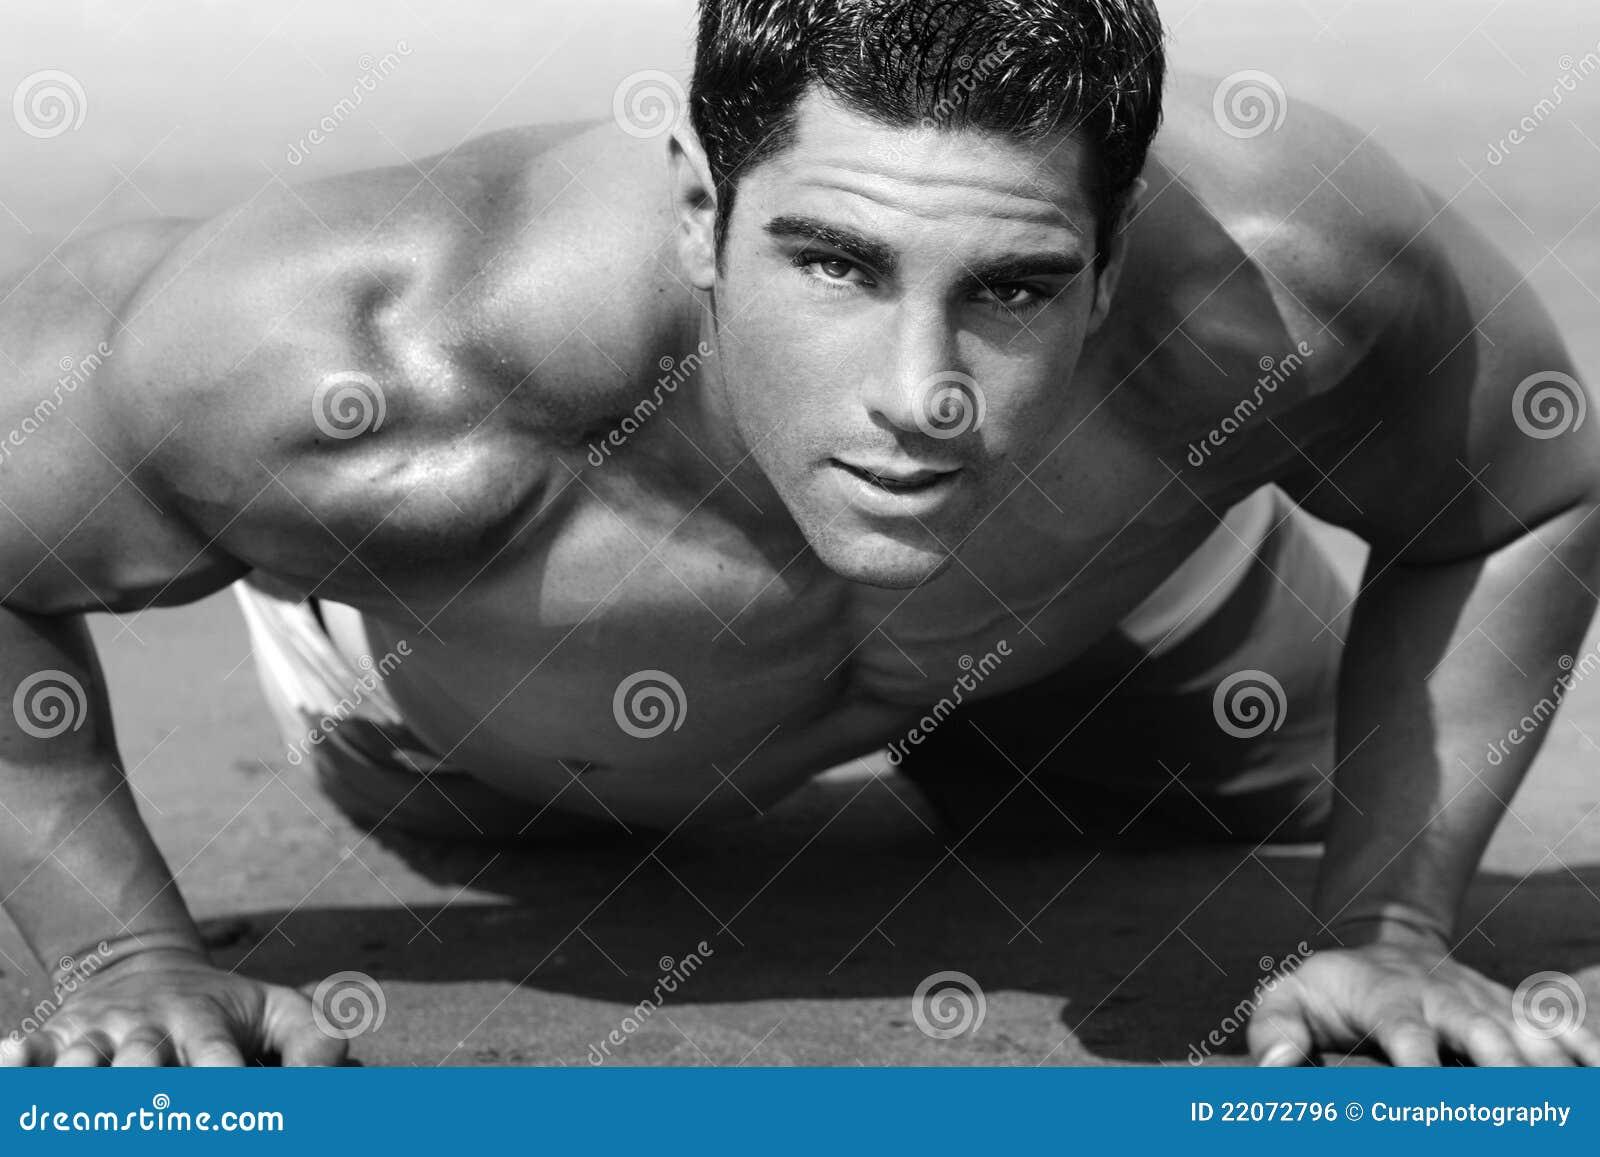 jeune homme sur la plage image libre de droits image 22072796. Black Bedroom Furniture Sets. Home Design Ideas